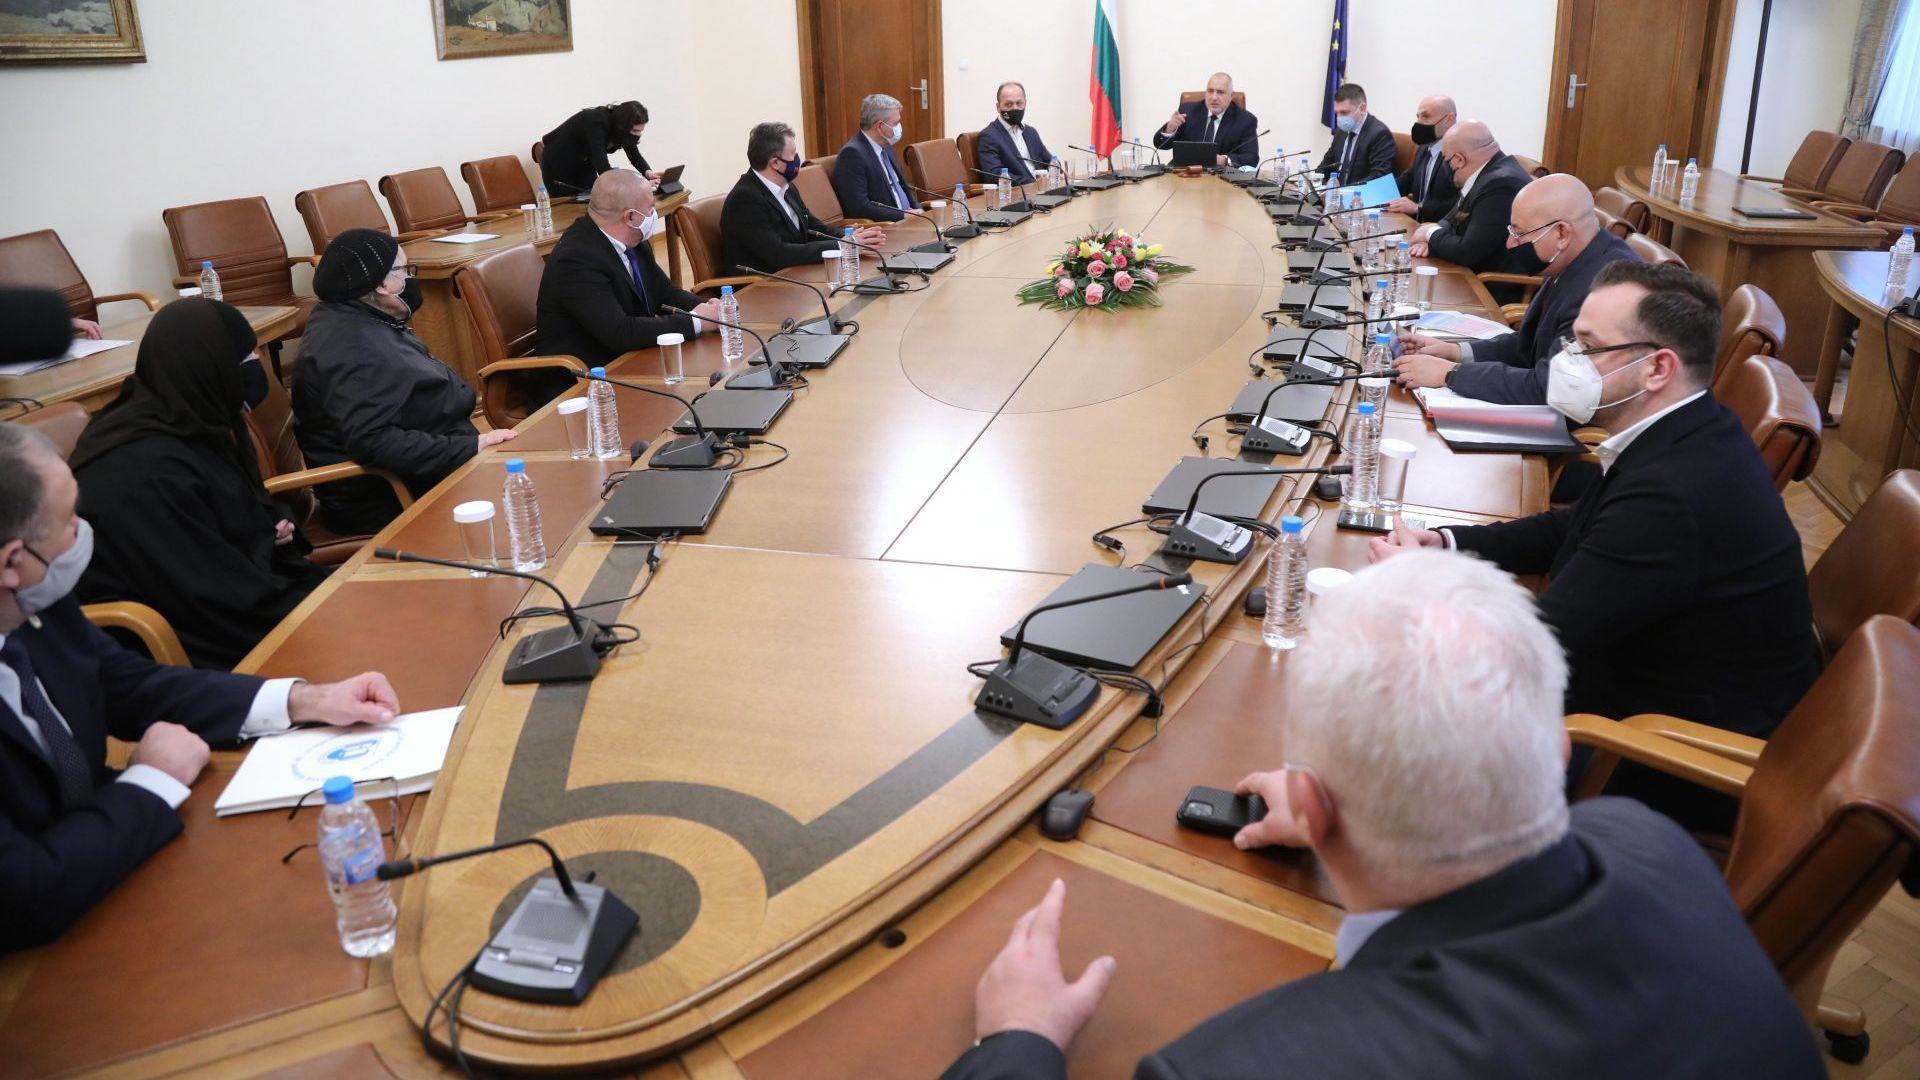 Борисов: Разбираме ресторантьорите и помагаме на всички с близо 3 млрд. лв